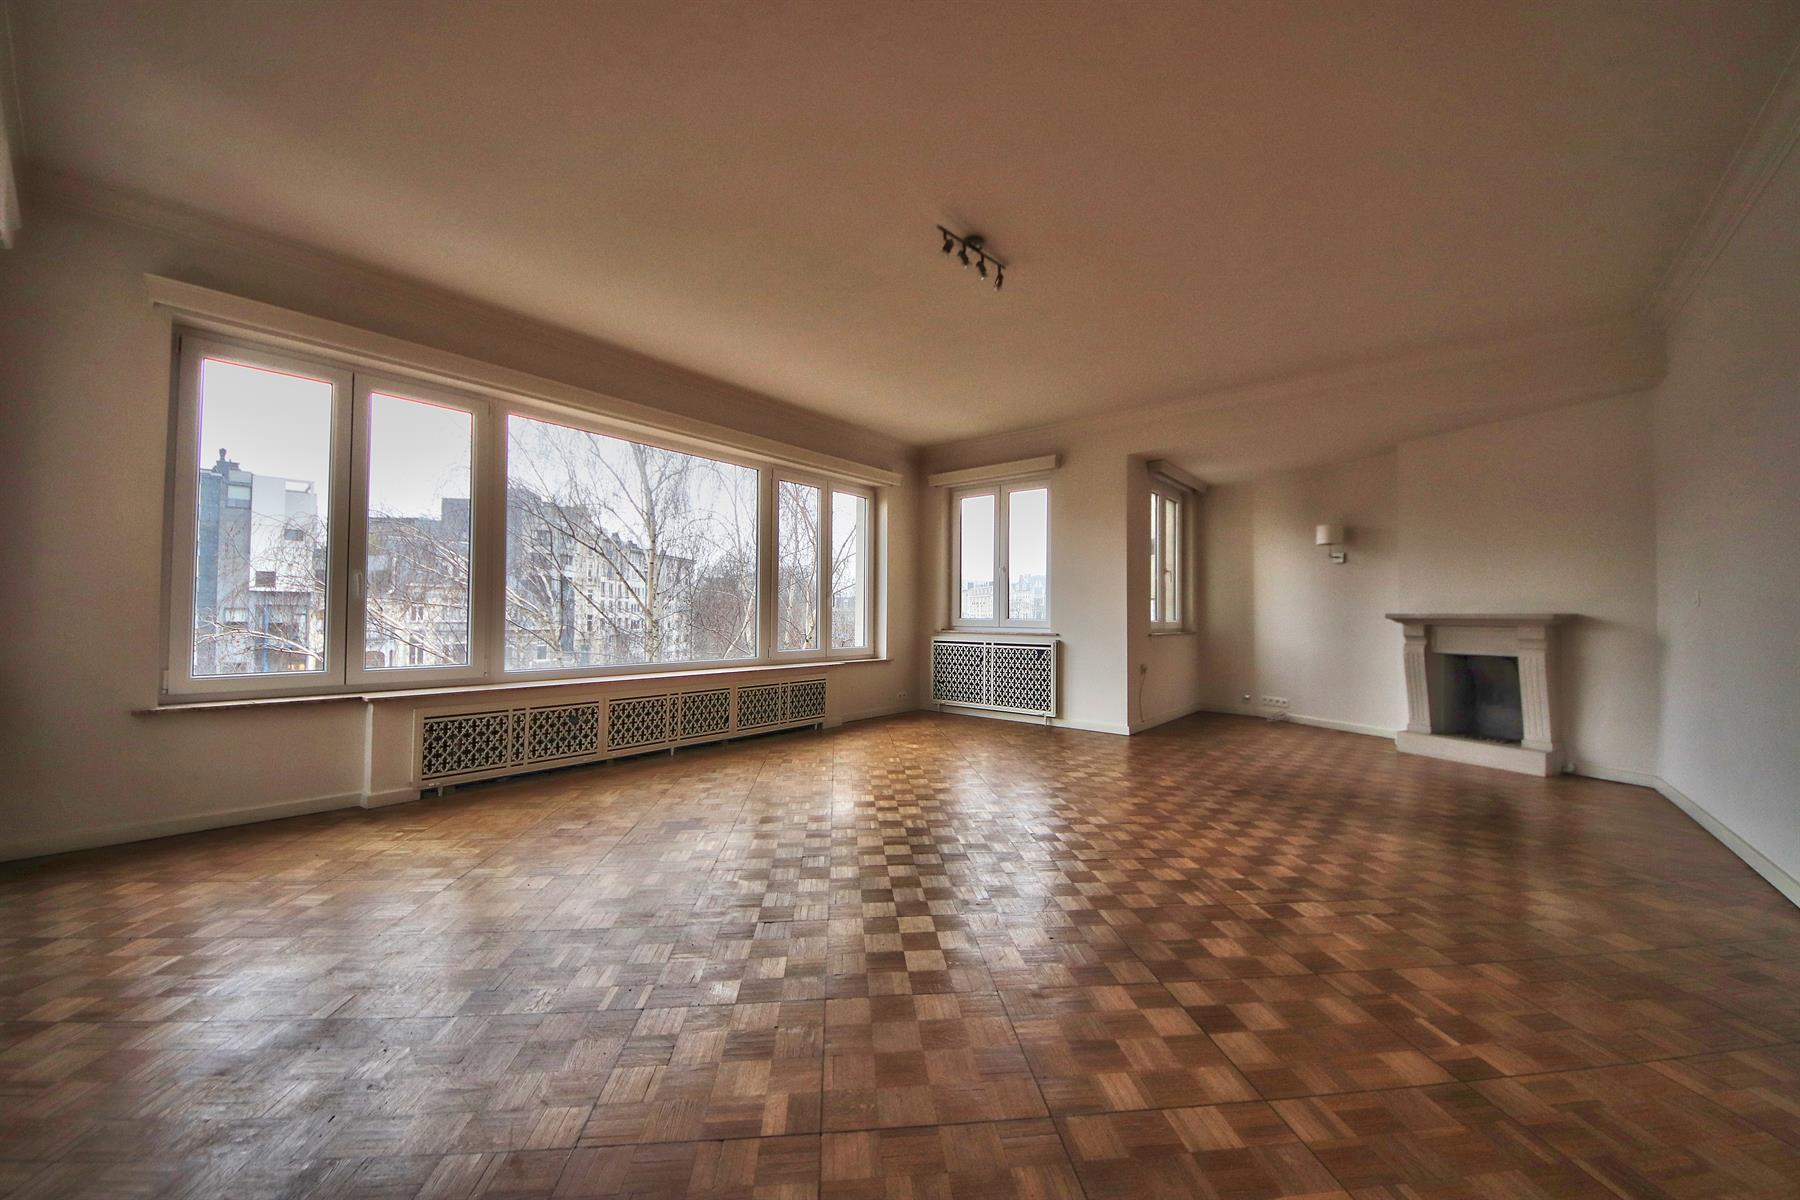 Appartement - Etterbeek - #4256824-2